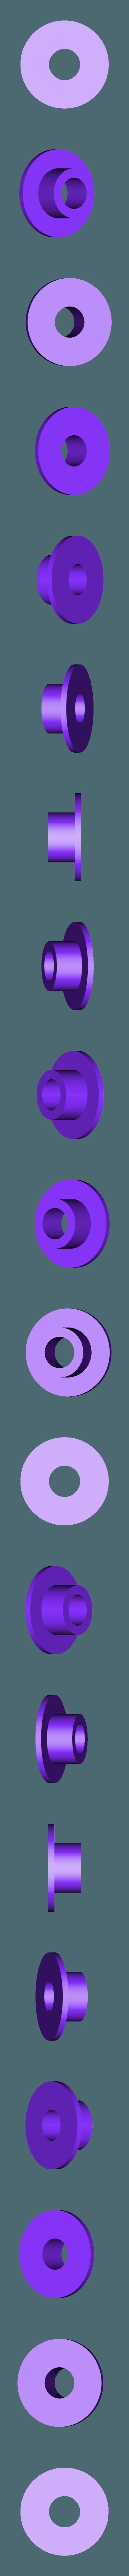 ring_bottom.stl Télécharger fichier STL gratuit Pièces 3D pour l'imprimante Ceramic DIY • Objet à imprimer en 3D, fgeer